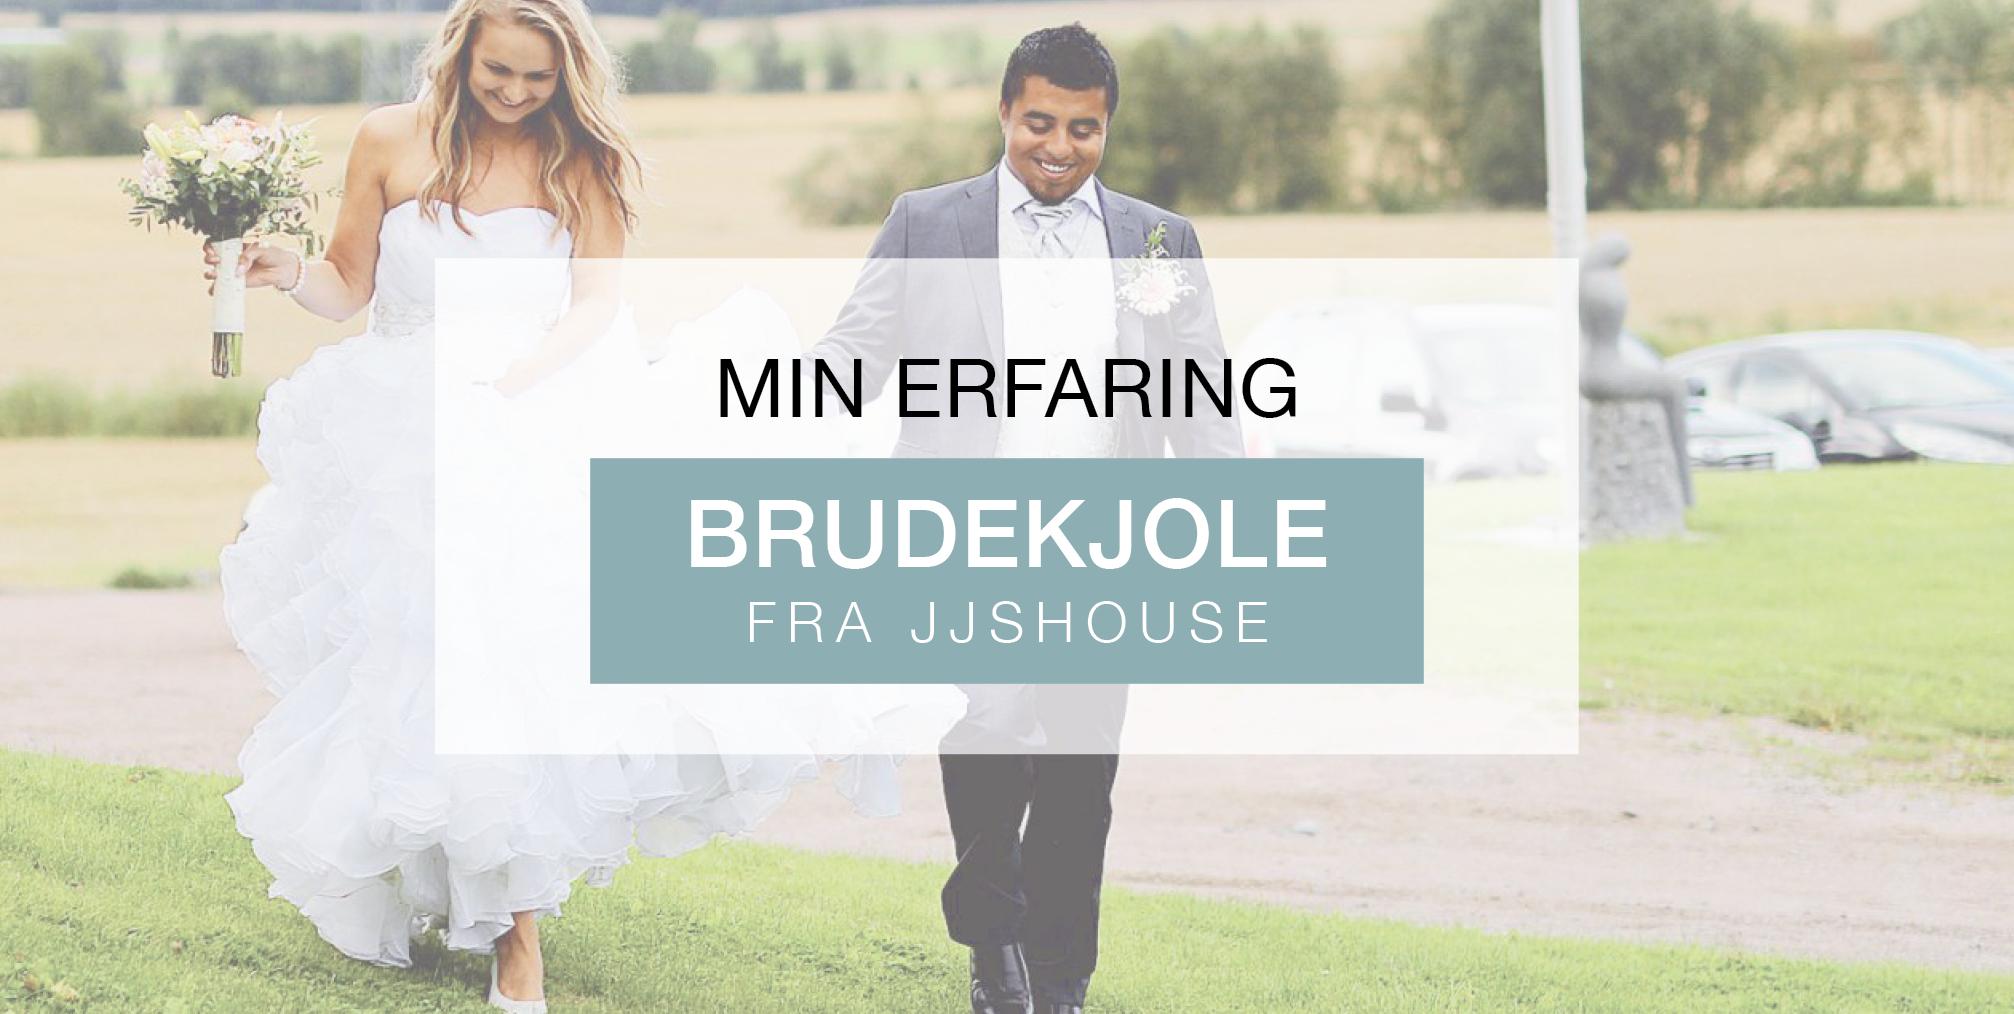 brudekjole jjshouse marry & juliet erfaring